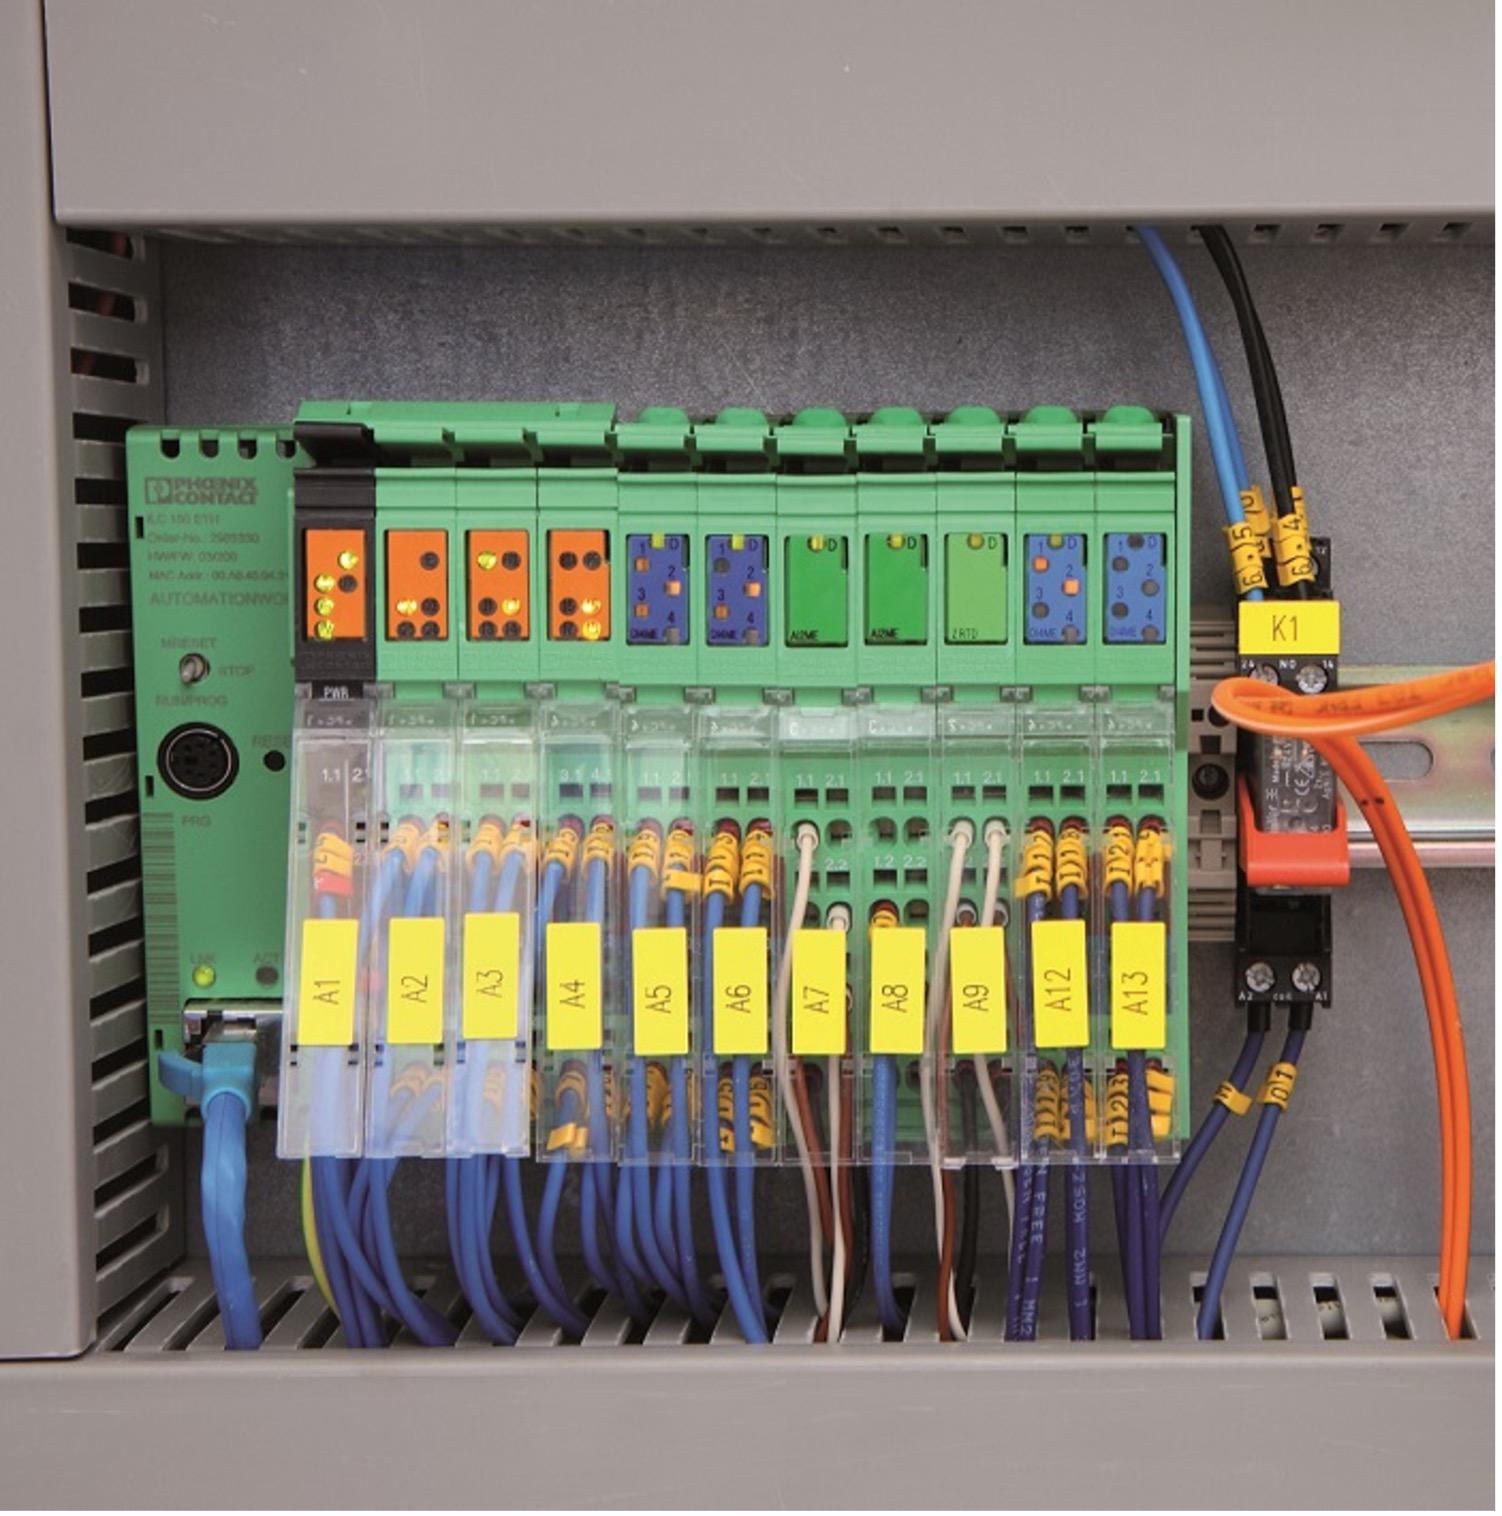 Şekil 1: ILC 151 ETH Inline kontrolör bağlı I/O modülleriyle tüm işletme bilgilerinin merkezi toplama ünitesidir.